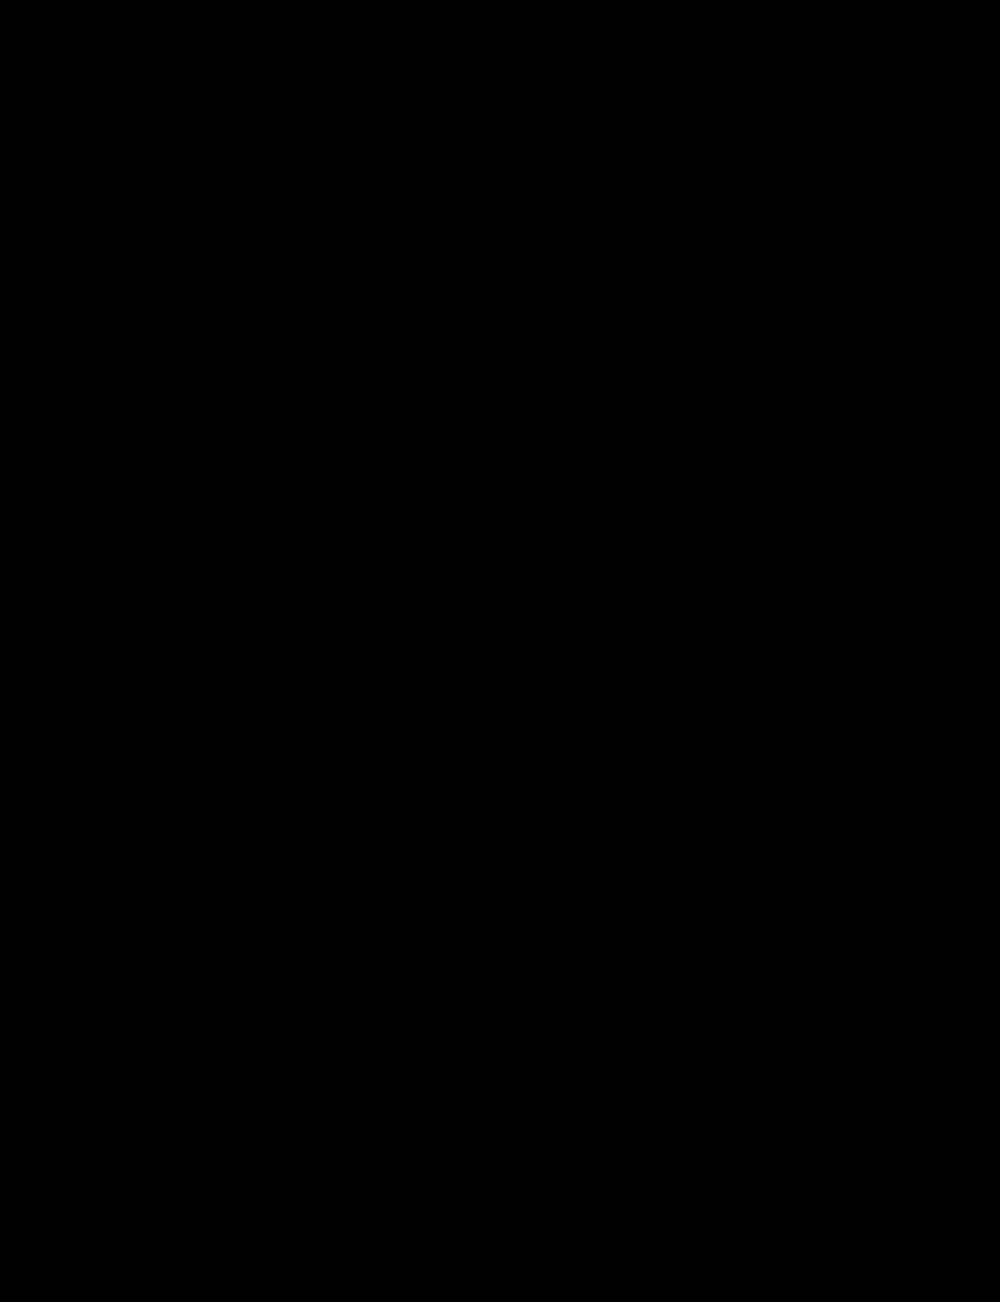 Défilé Burbury Prorsum prêt-à-porter printemps-été 2016.